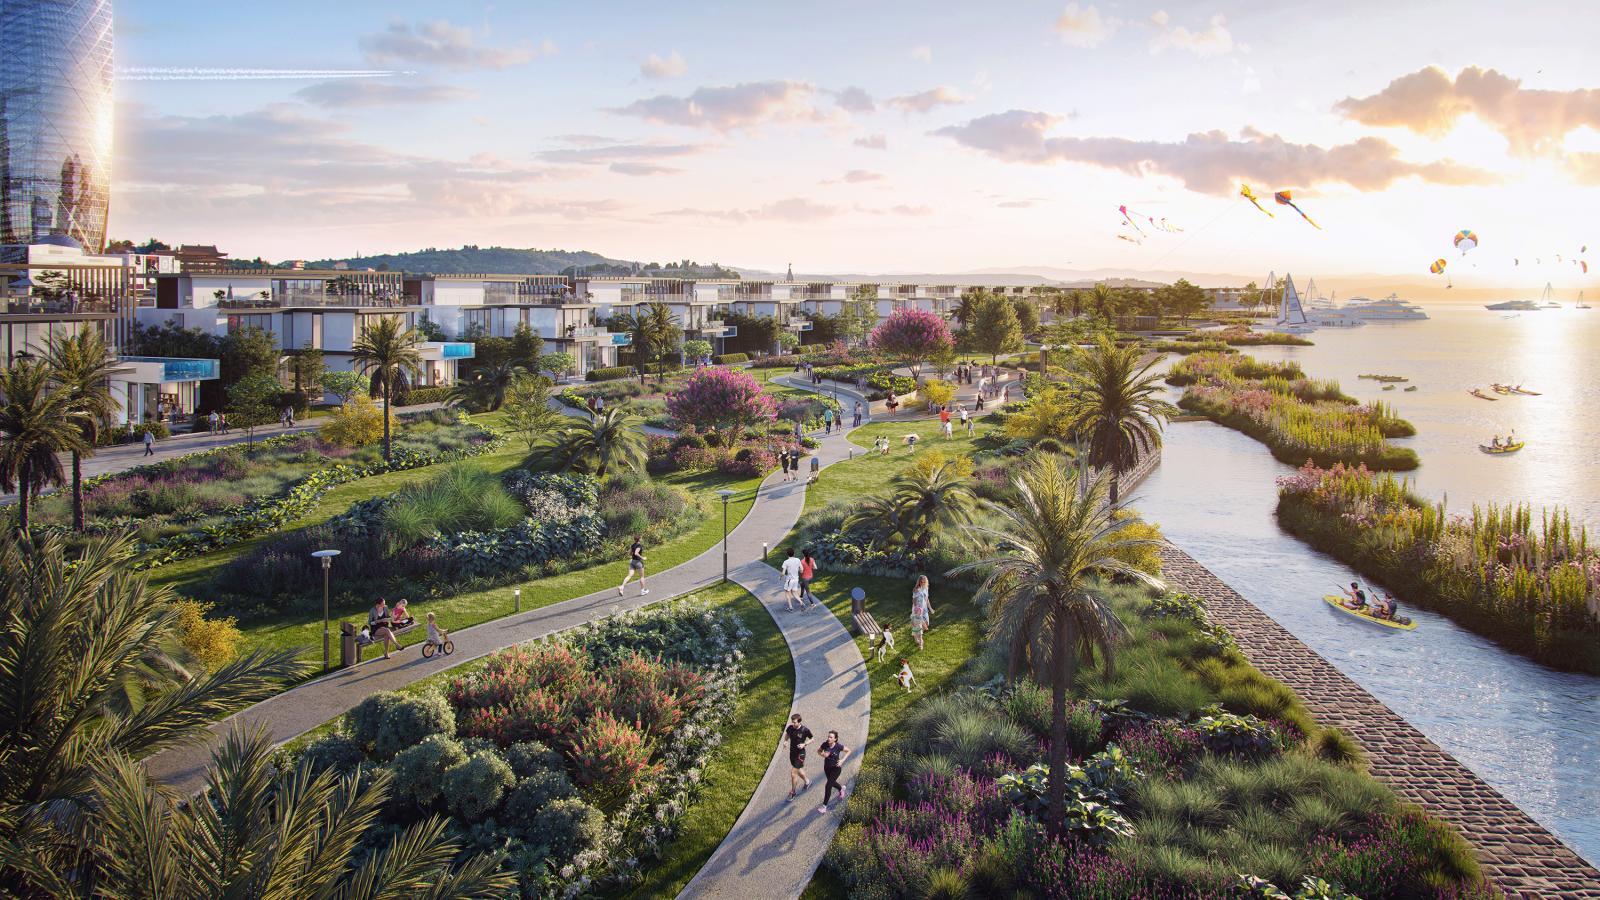 20210119135731 f3a1 Tin thị trường BĐS mới: Đảo sinh thái gần trung tâm TP.HCM